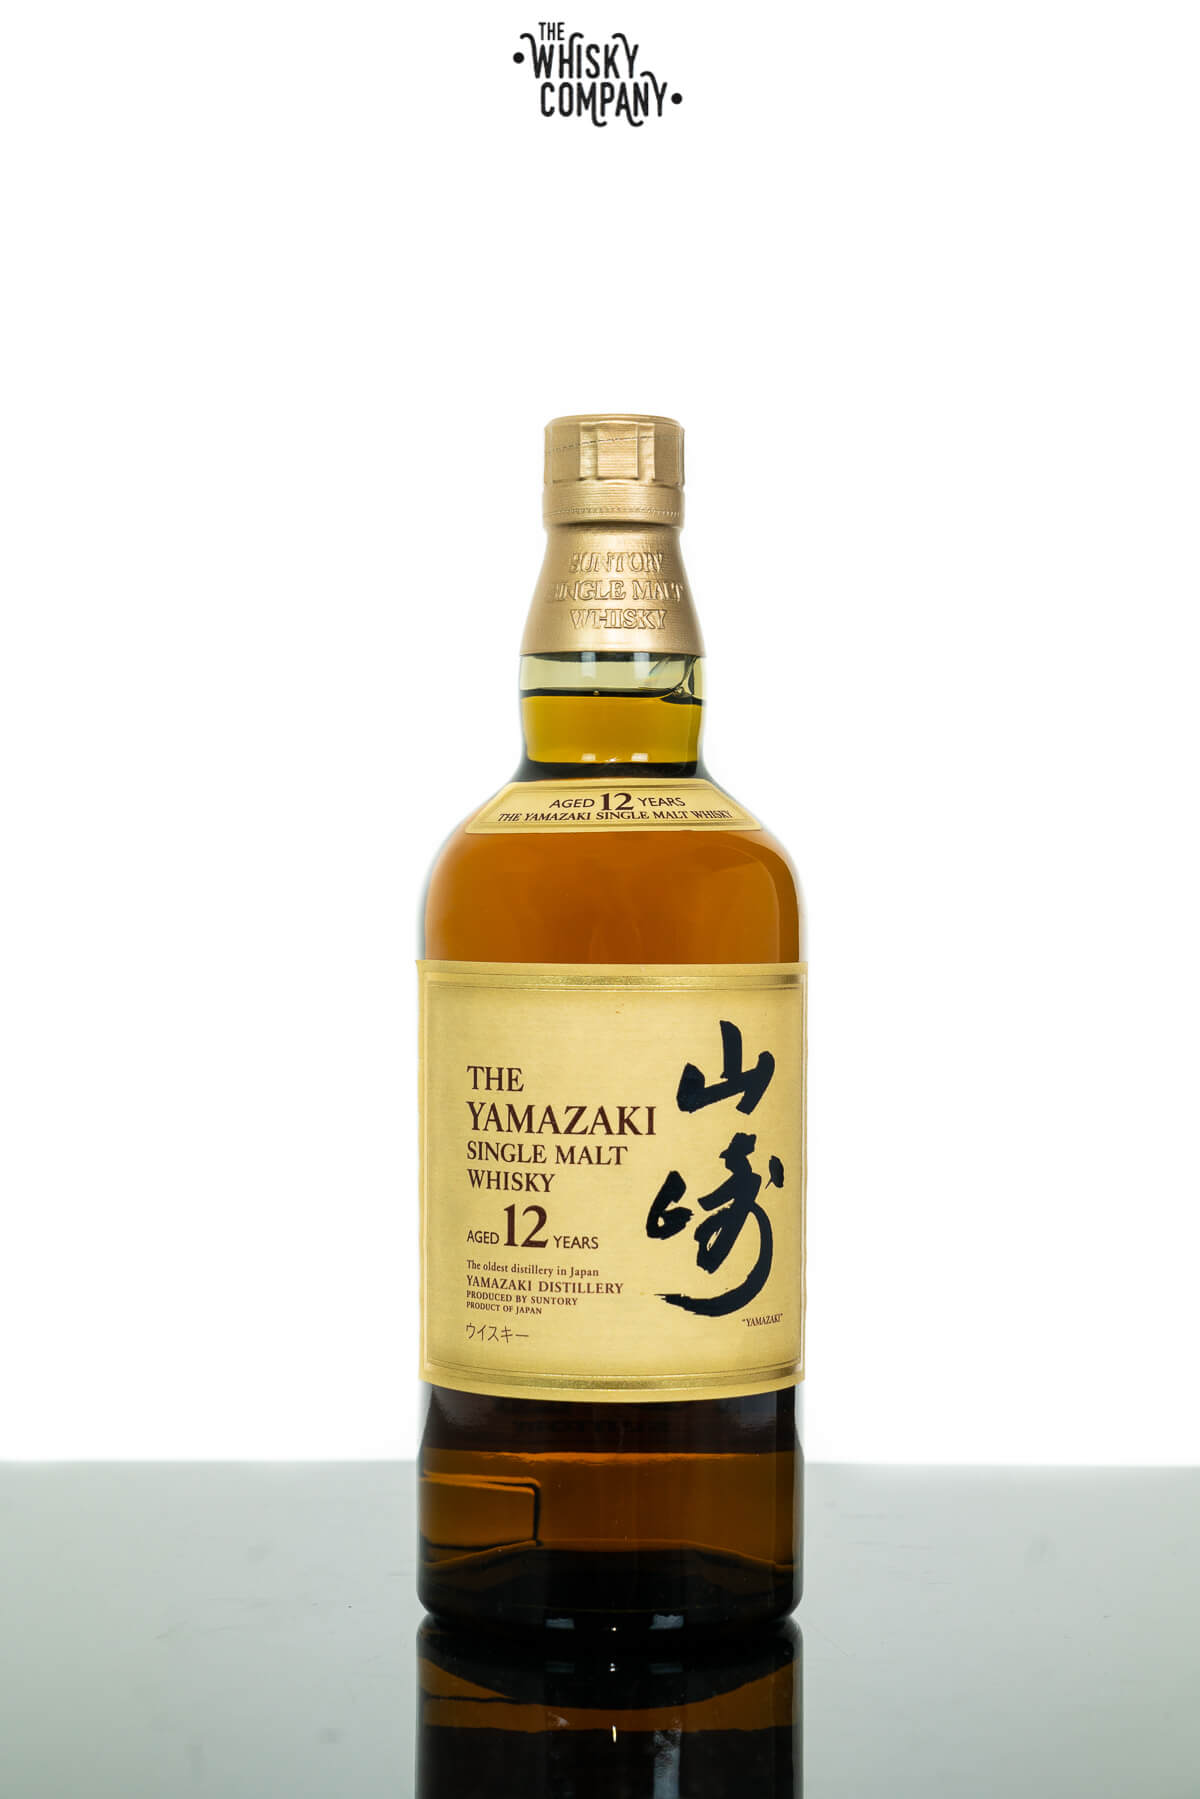 Yamazaki Aged 12 Years Japanese Single Malt Whisky (700ml)